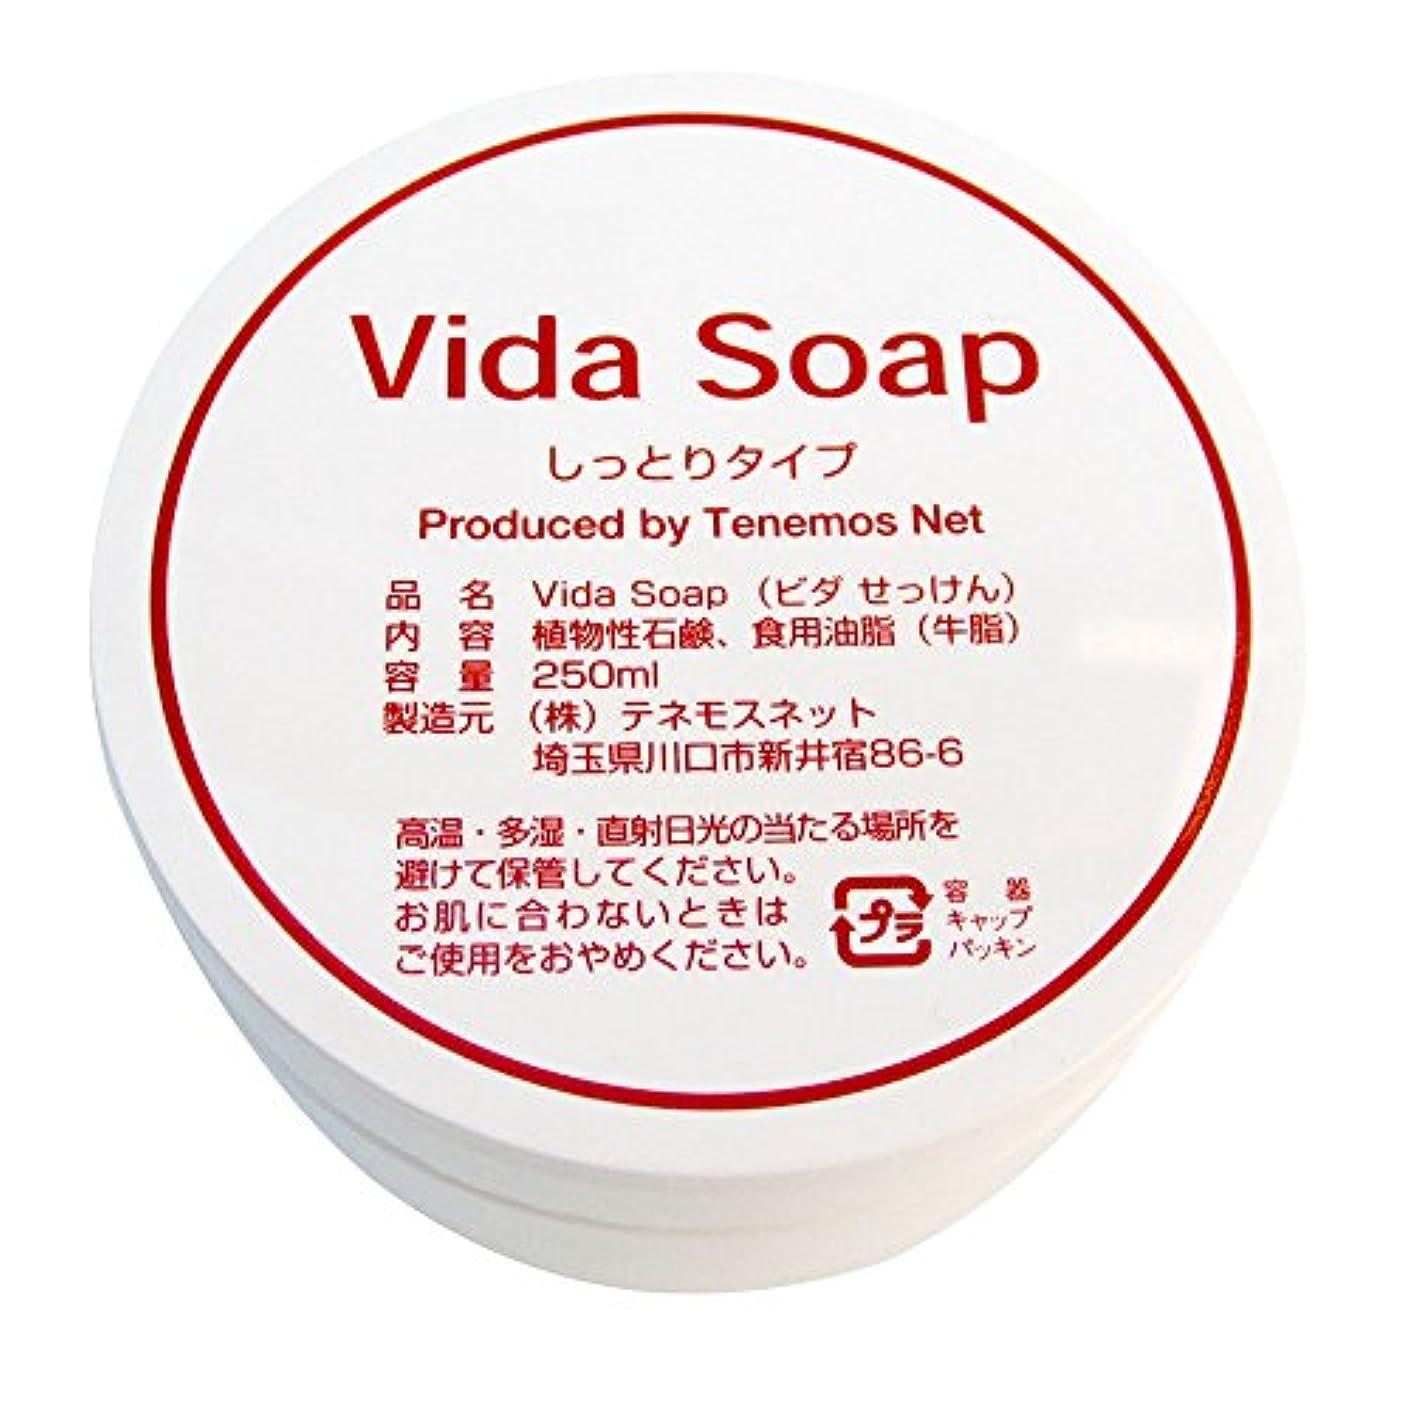 動揺させる蓄積する物語テネモス ビダせっけん Vida Soap しっとりノーマル 動物性 250ml